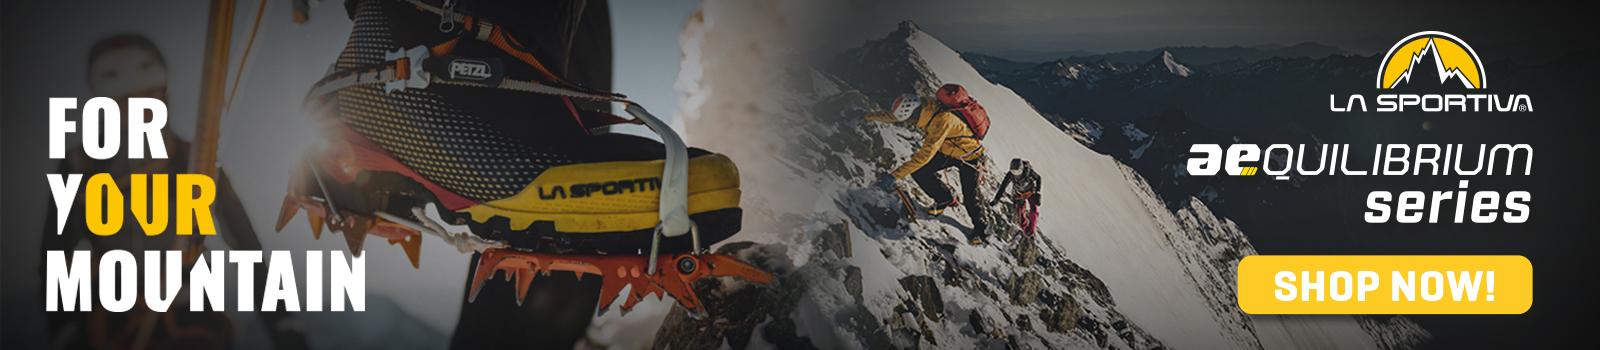 La Sportiva Aequilibrium scarponi alta montagna estate 2021